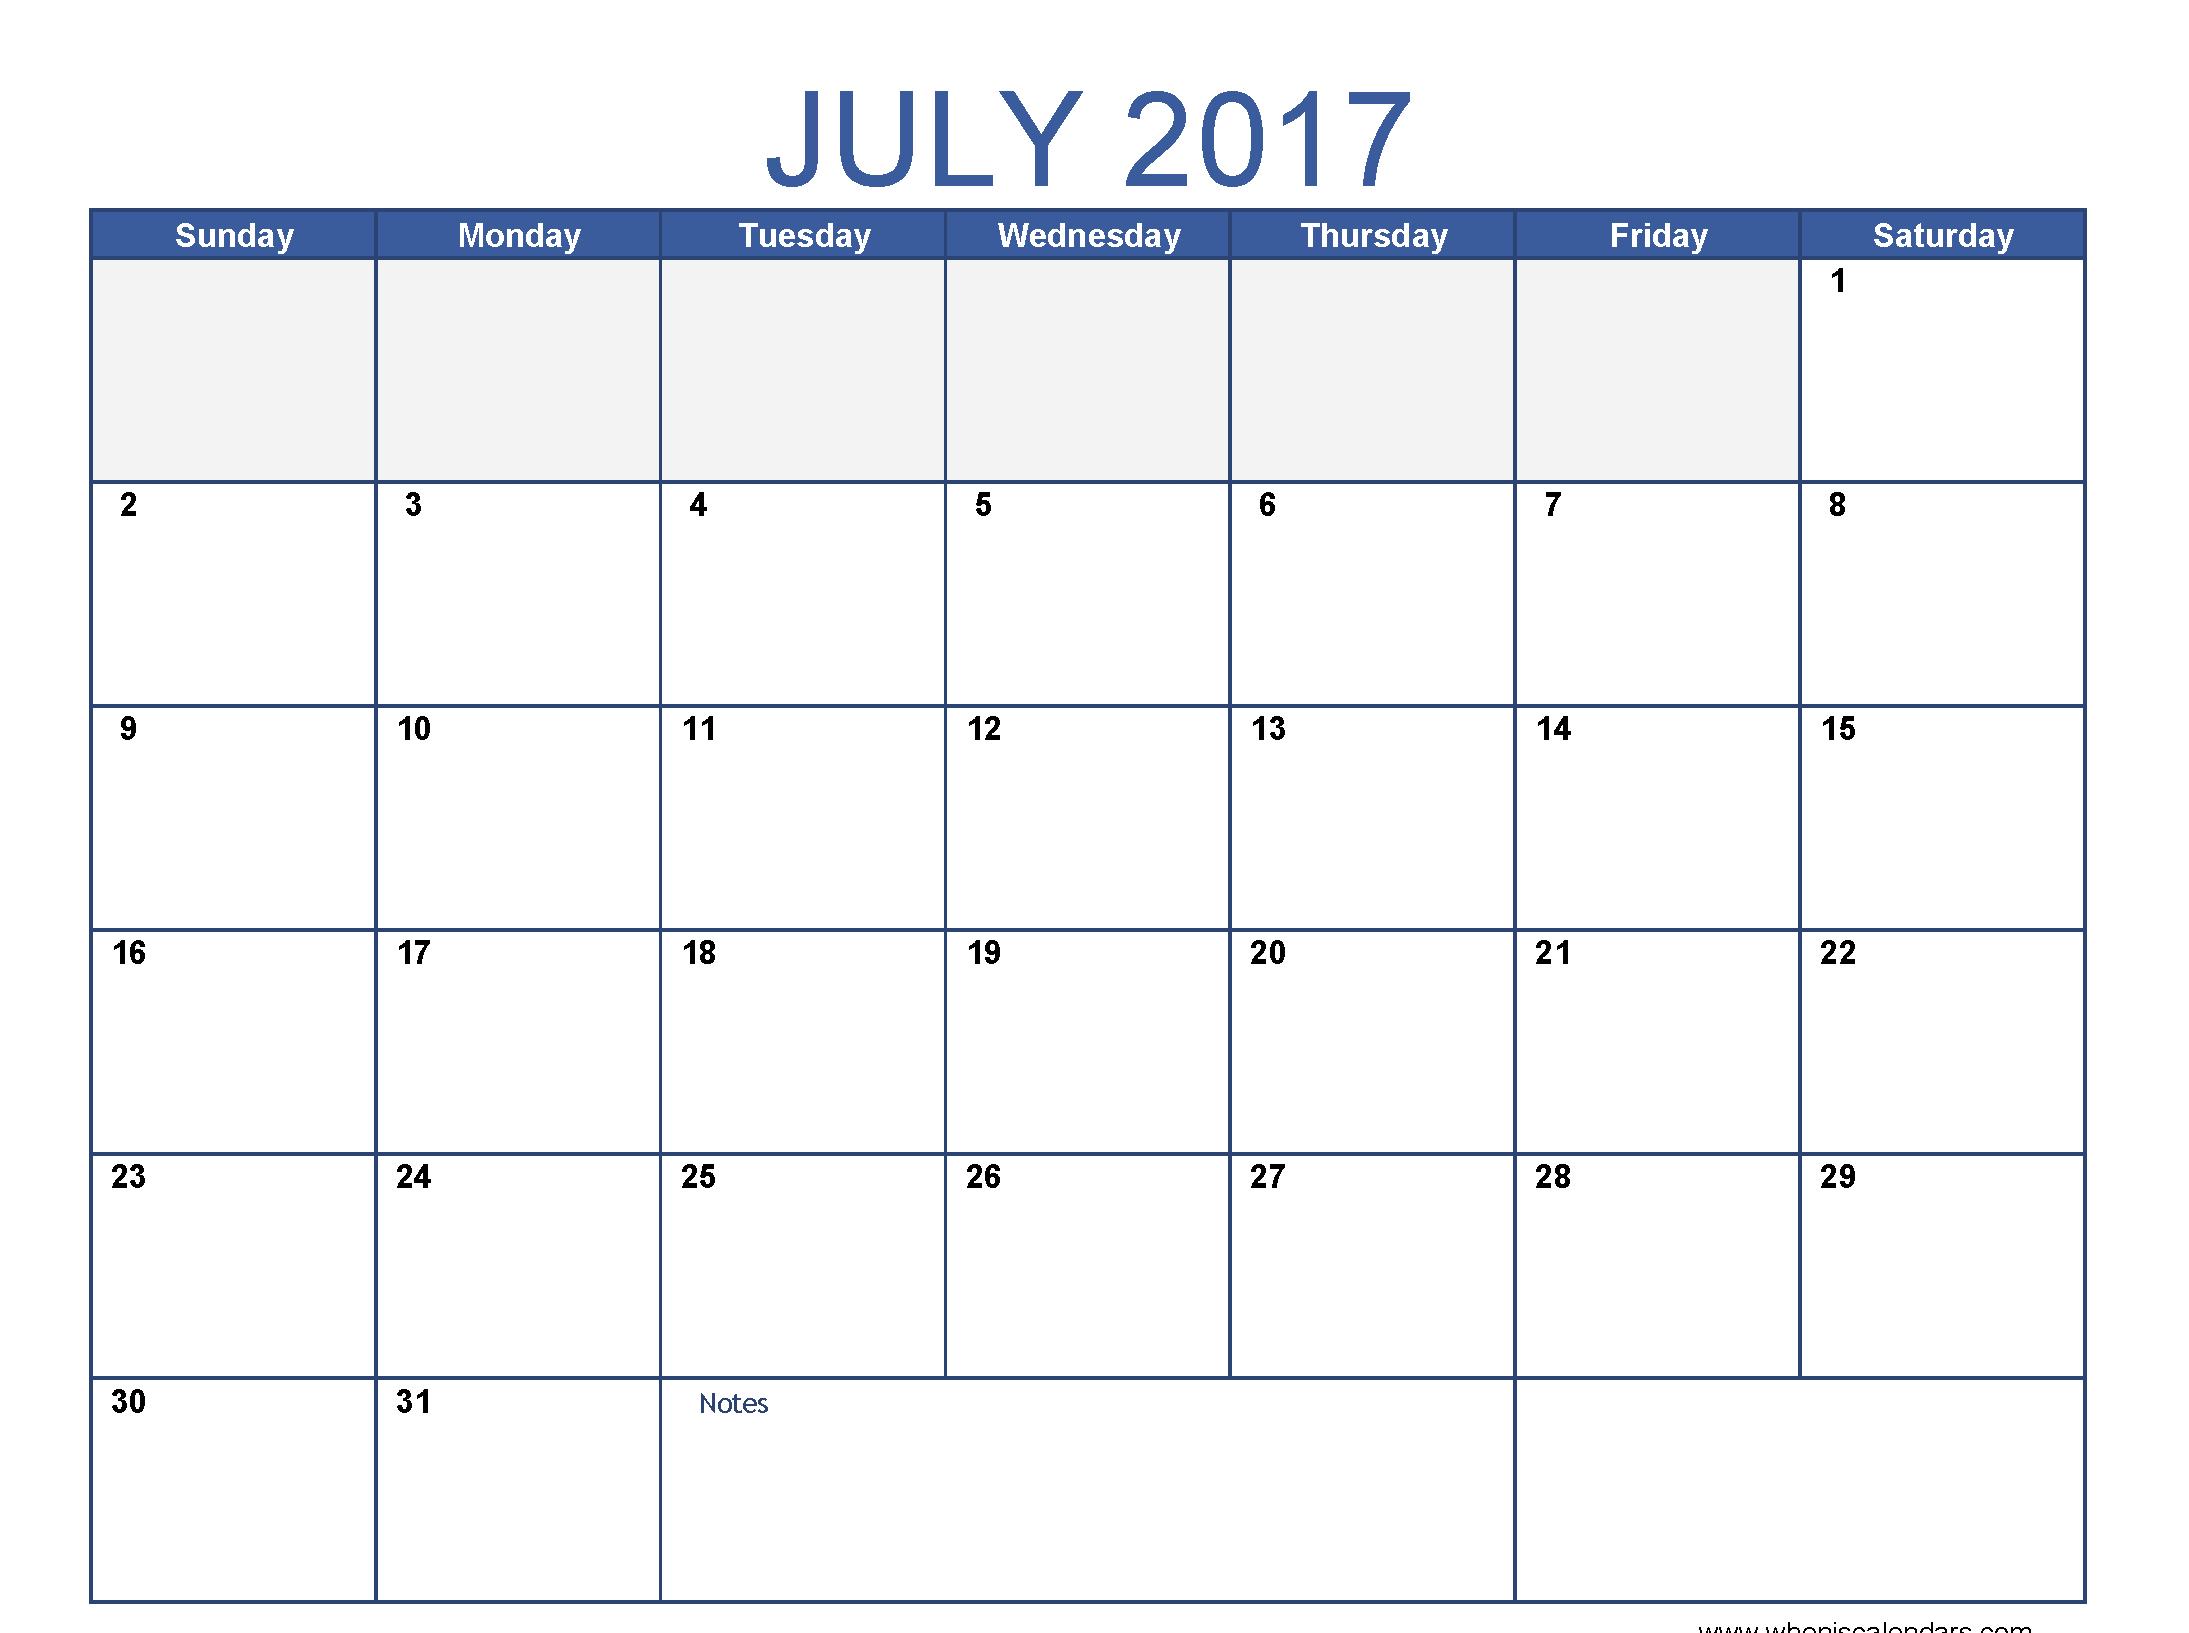 July 2017 Calendar Images Download